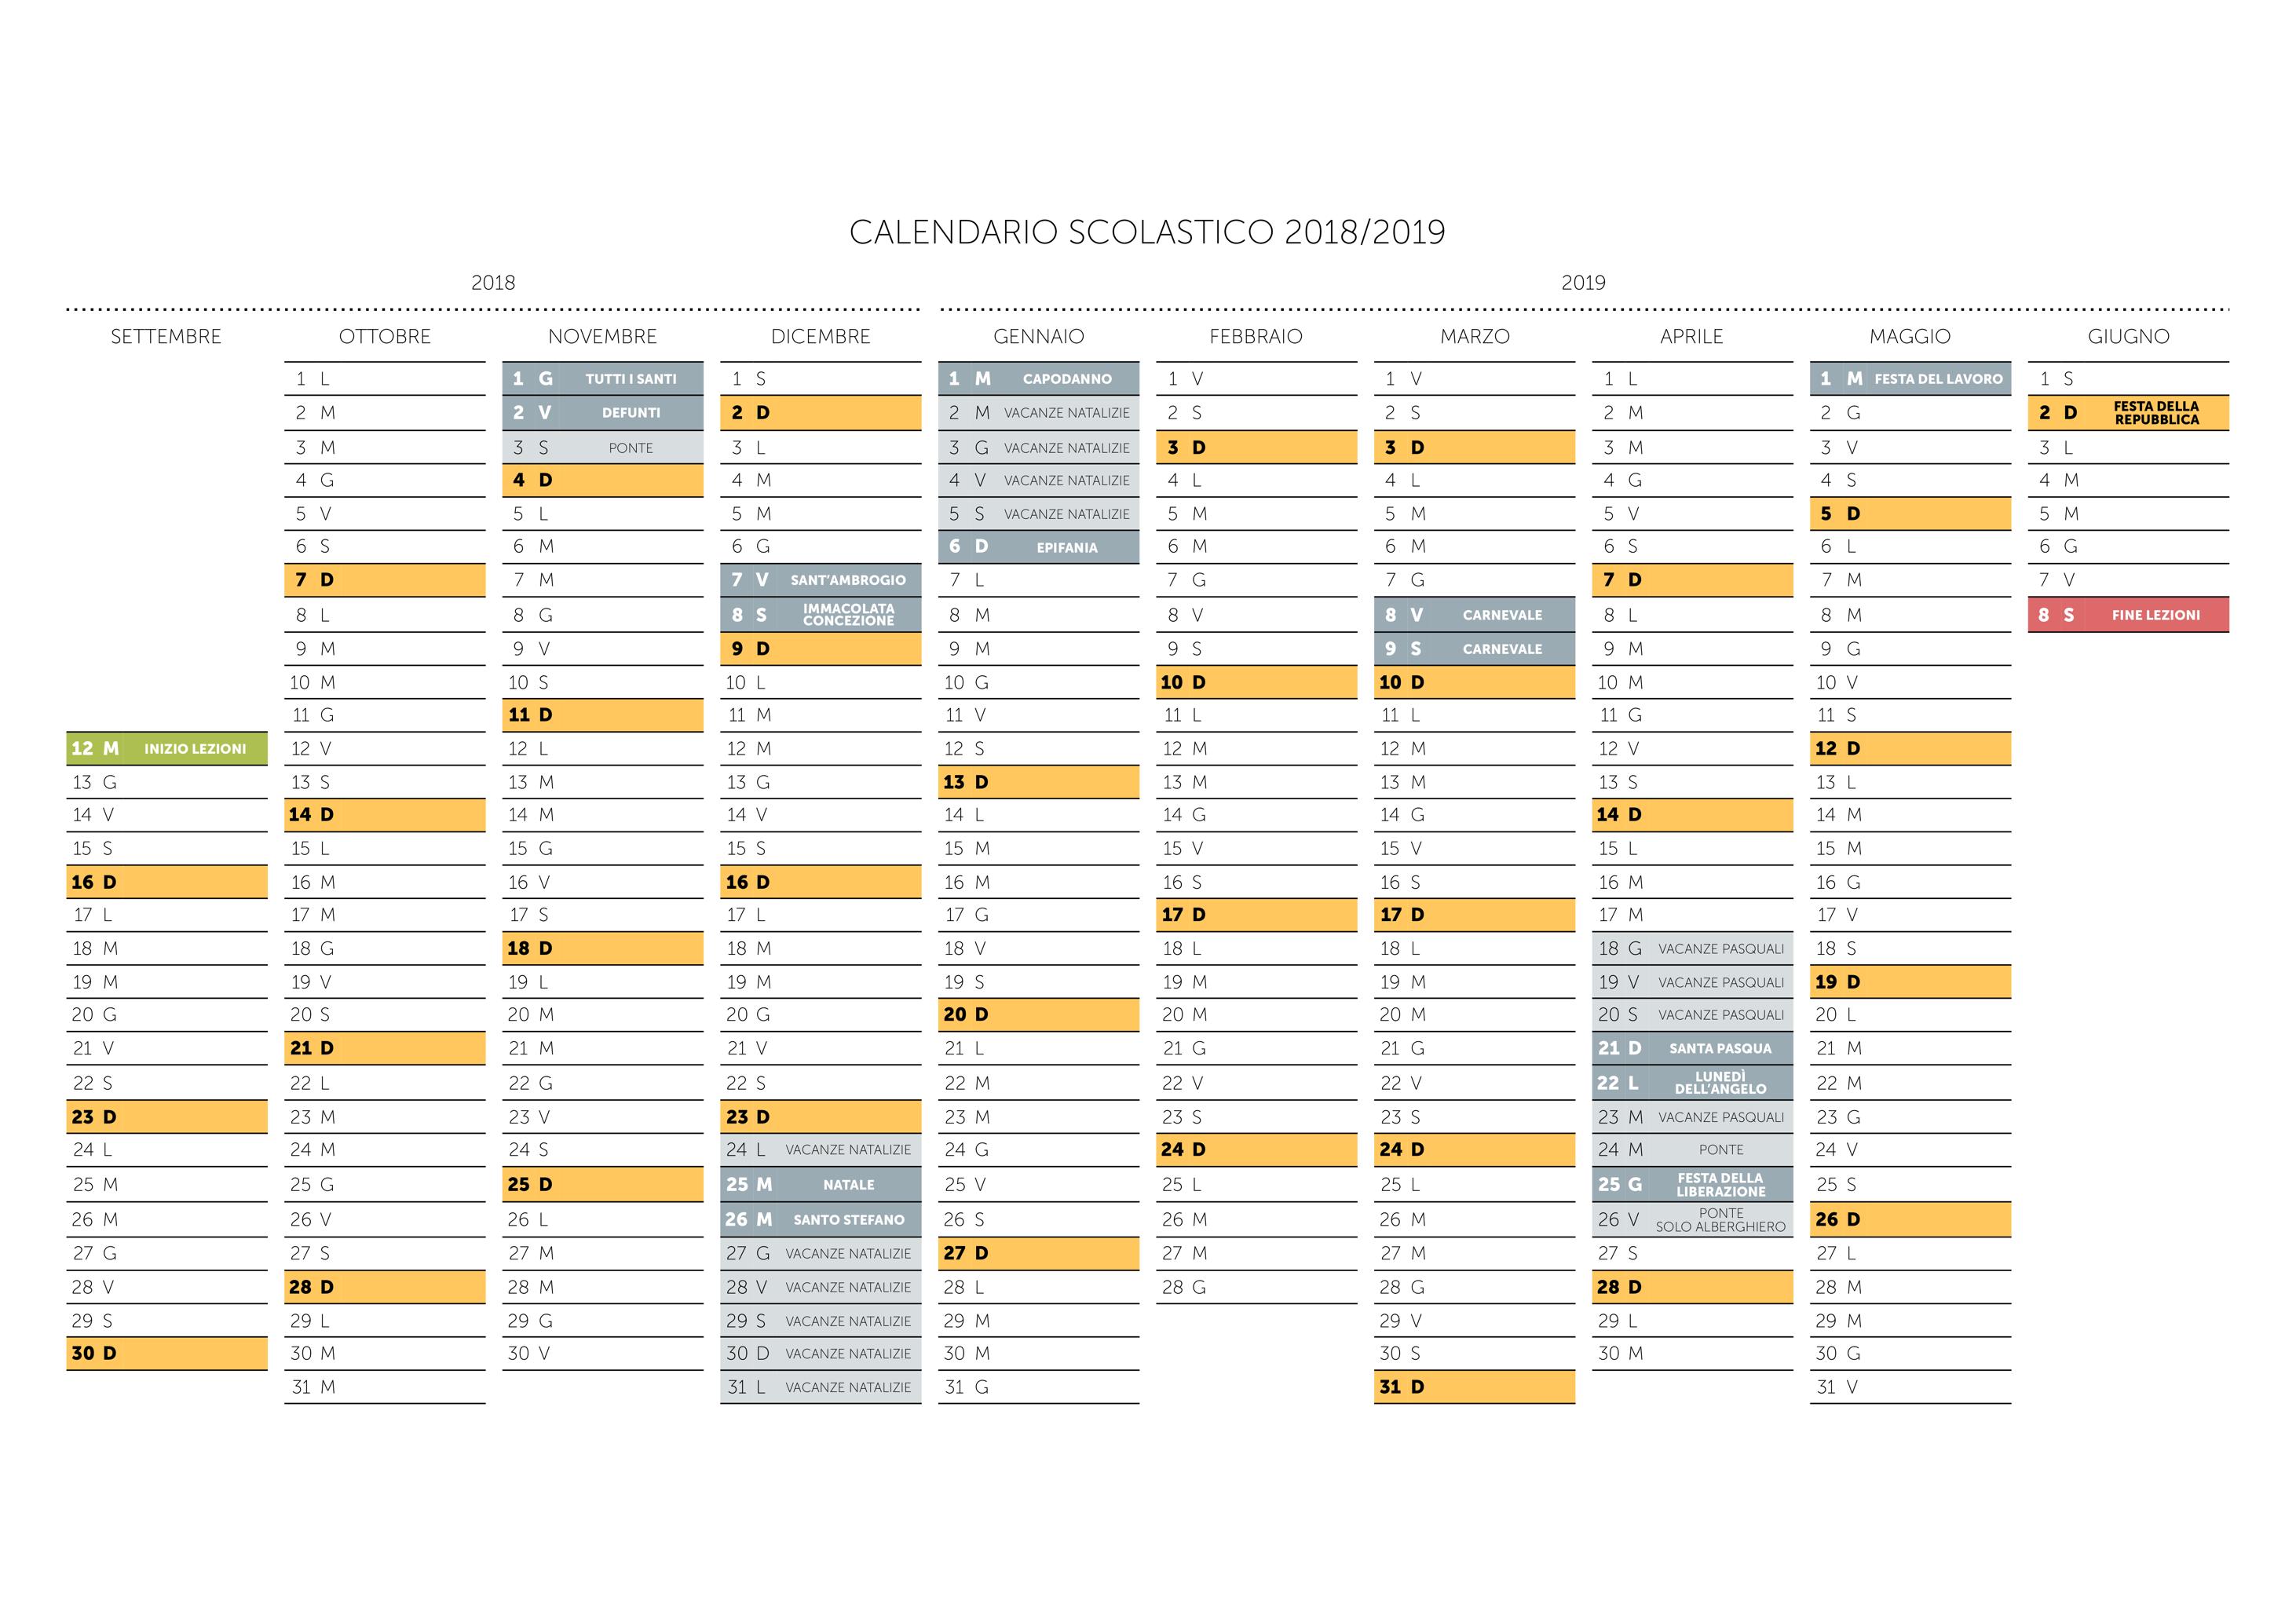 Calendario Scolastico Lombardia 2020 20.Calendario Scolastico Istituto Scolastico Don Carlo Gnocchi